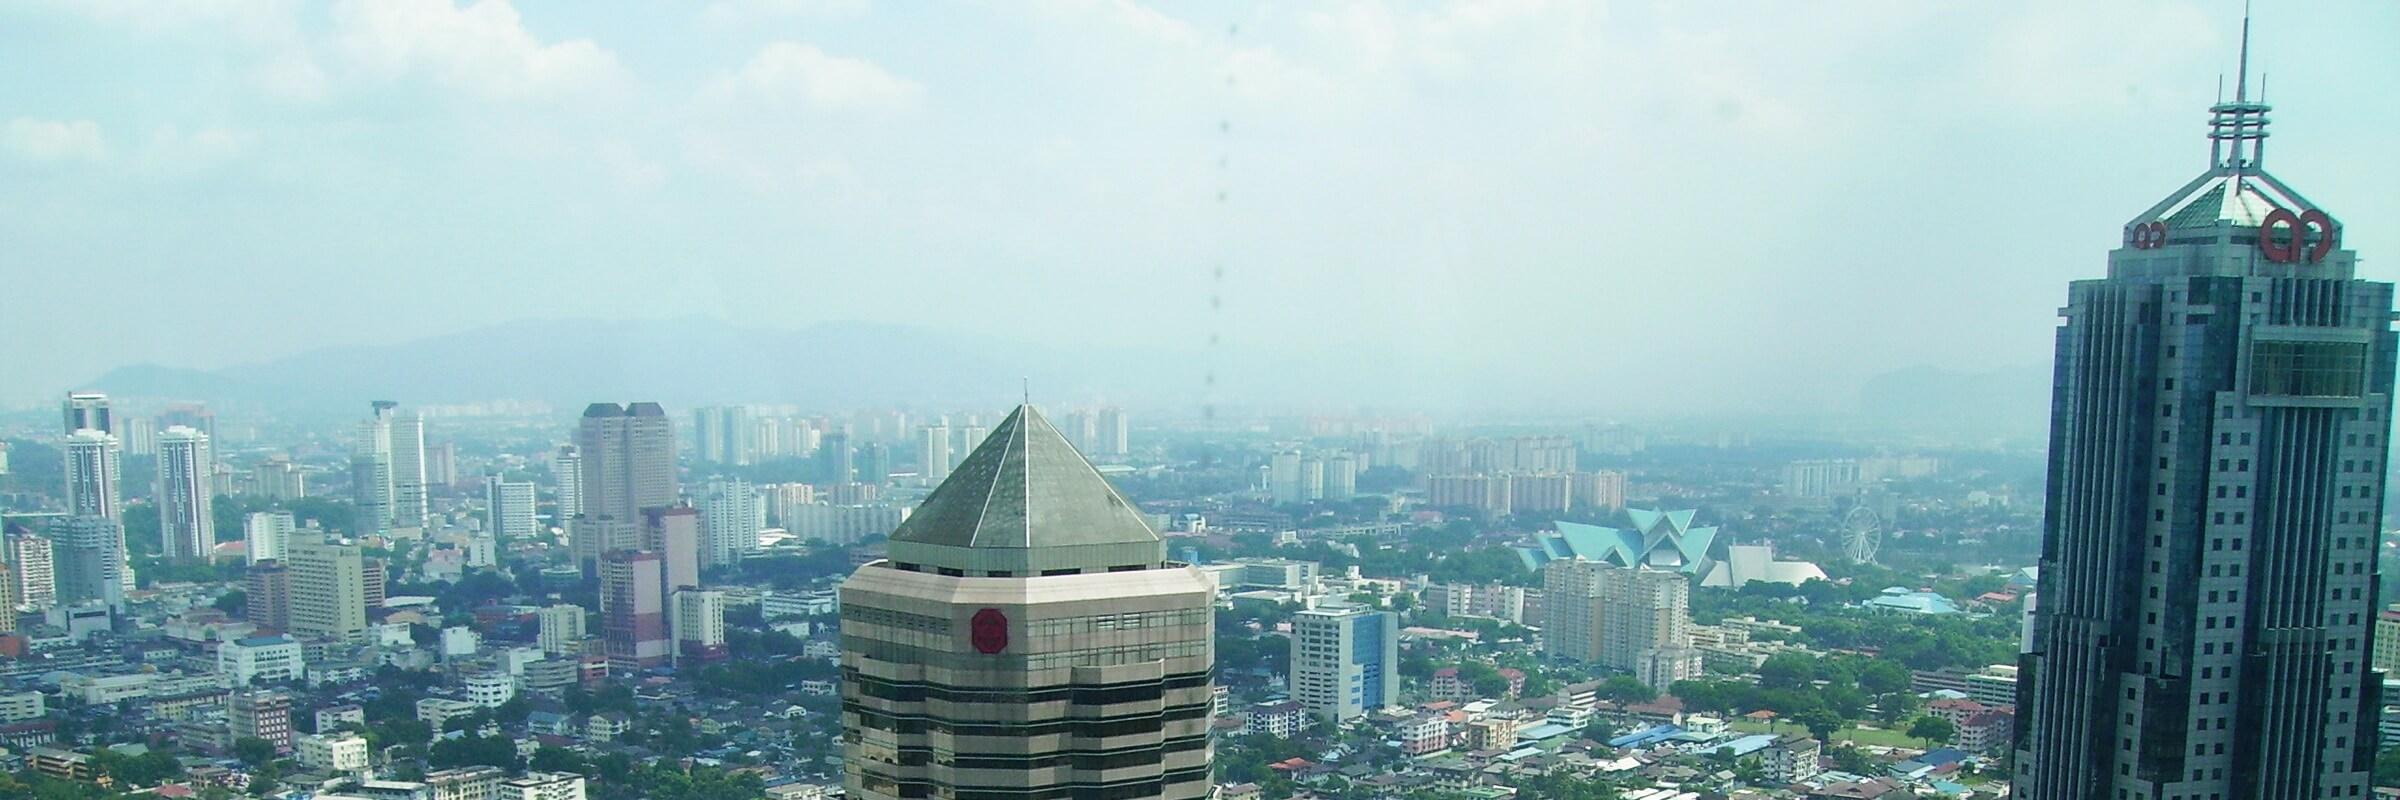 Von der Skybridge, die die zwei Türme des Petronas Twin Towers verbindet, kann man einen Ausblick auf Kuala Lumpurs Stadtlandschaft und die umliegenden Wolkenkratzer genießen.